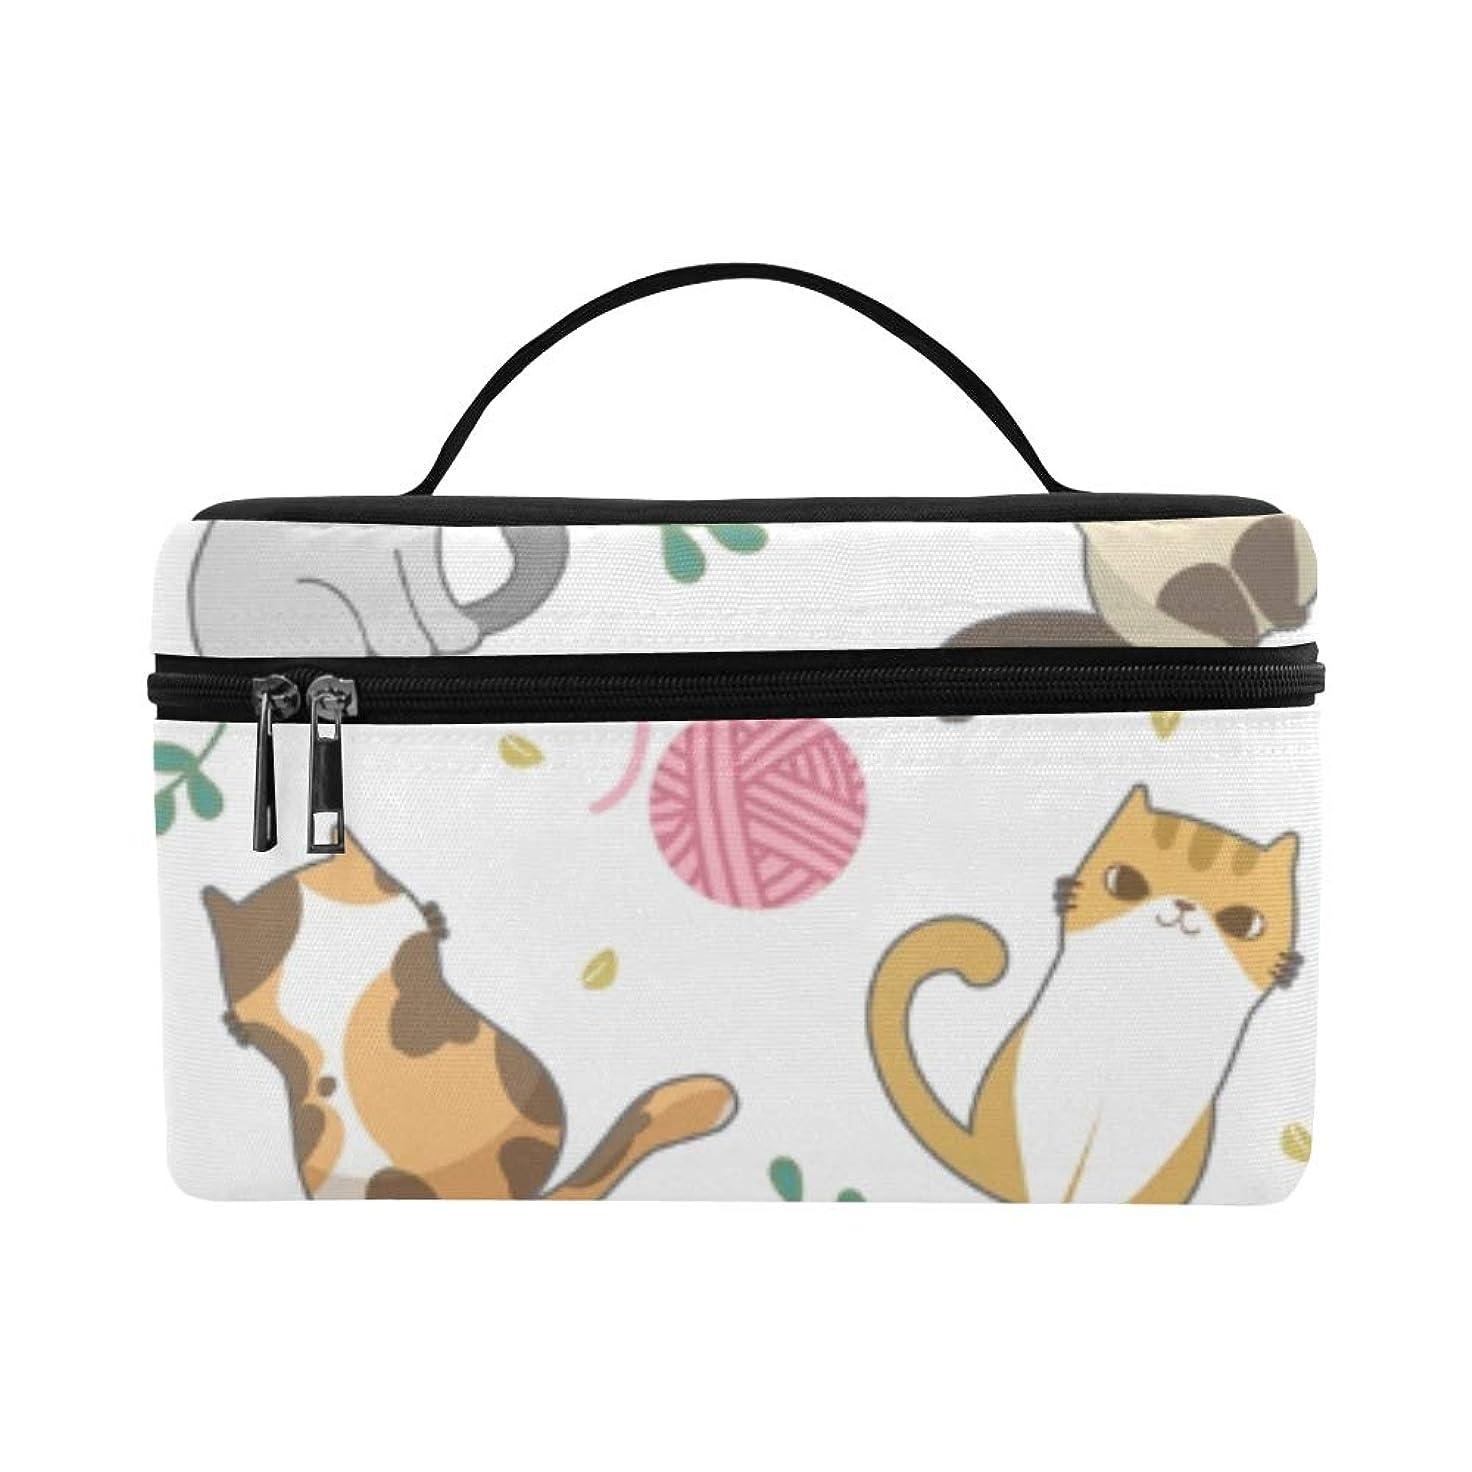 ボウル目指す句GGSXD メイクボックス かわいい動物の猫の家族 コスメ収納 化粧品収納ケース 大容量 収納ボックス 化粧品入れ 化粧バッグ 旅行用 メイクブラシバッグ 化粧箱 持ち運び便利 プロ用